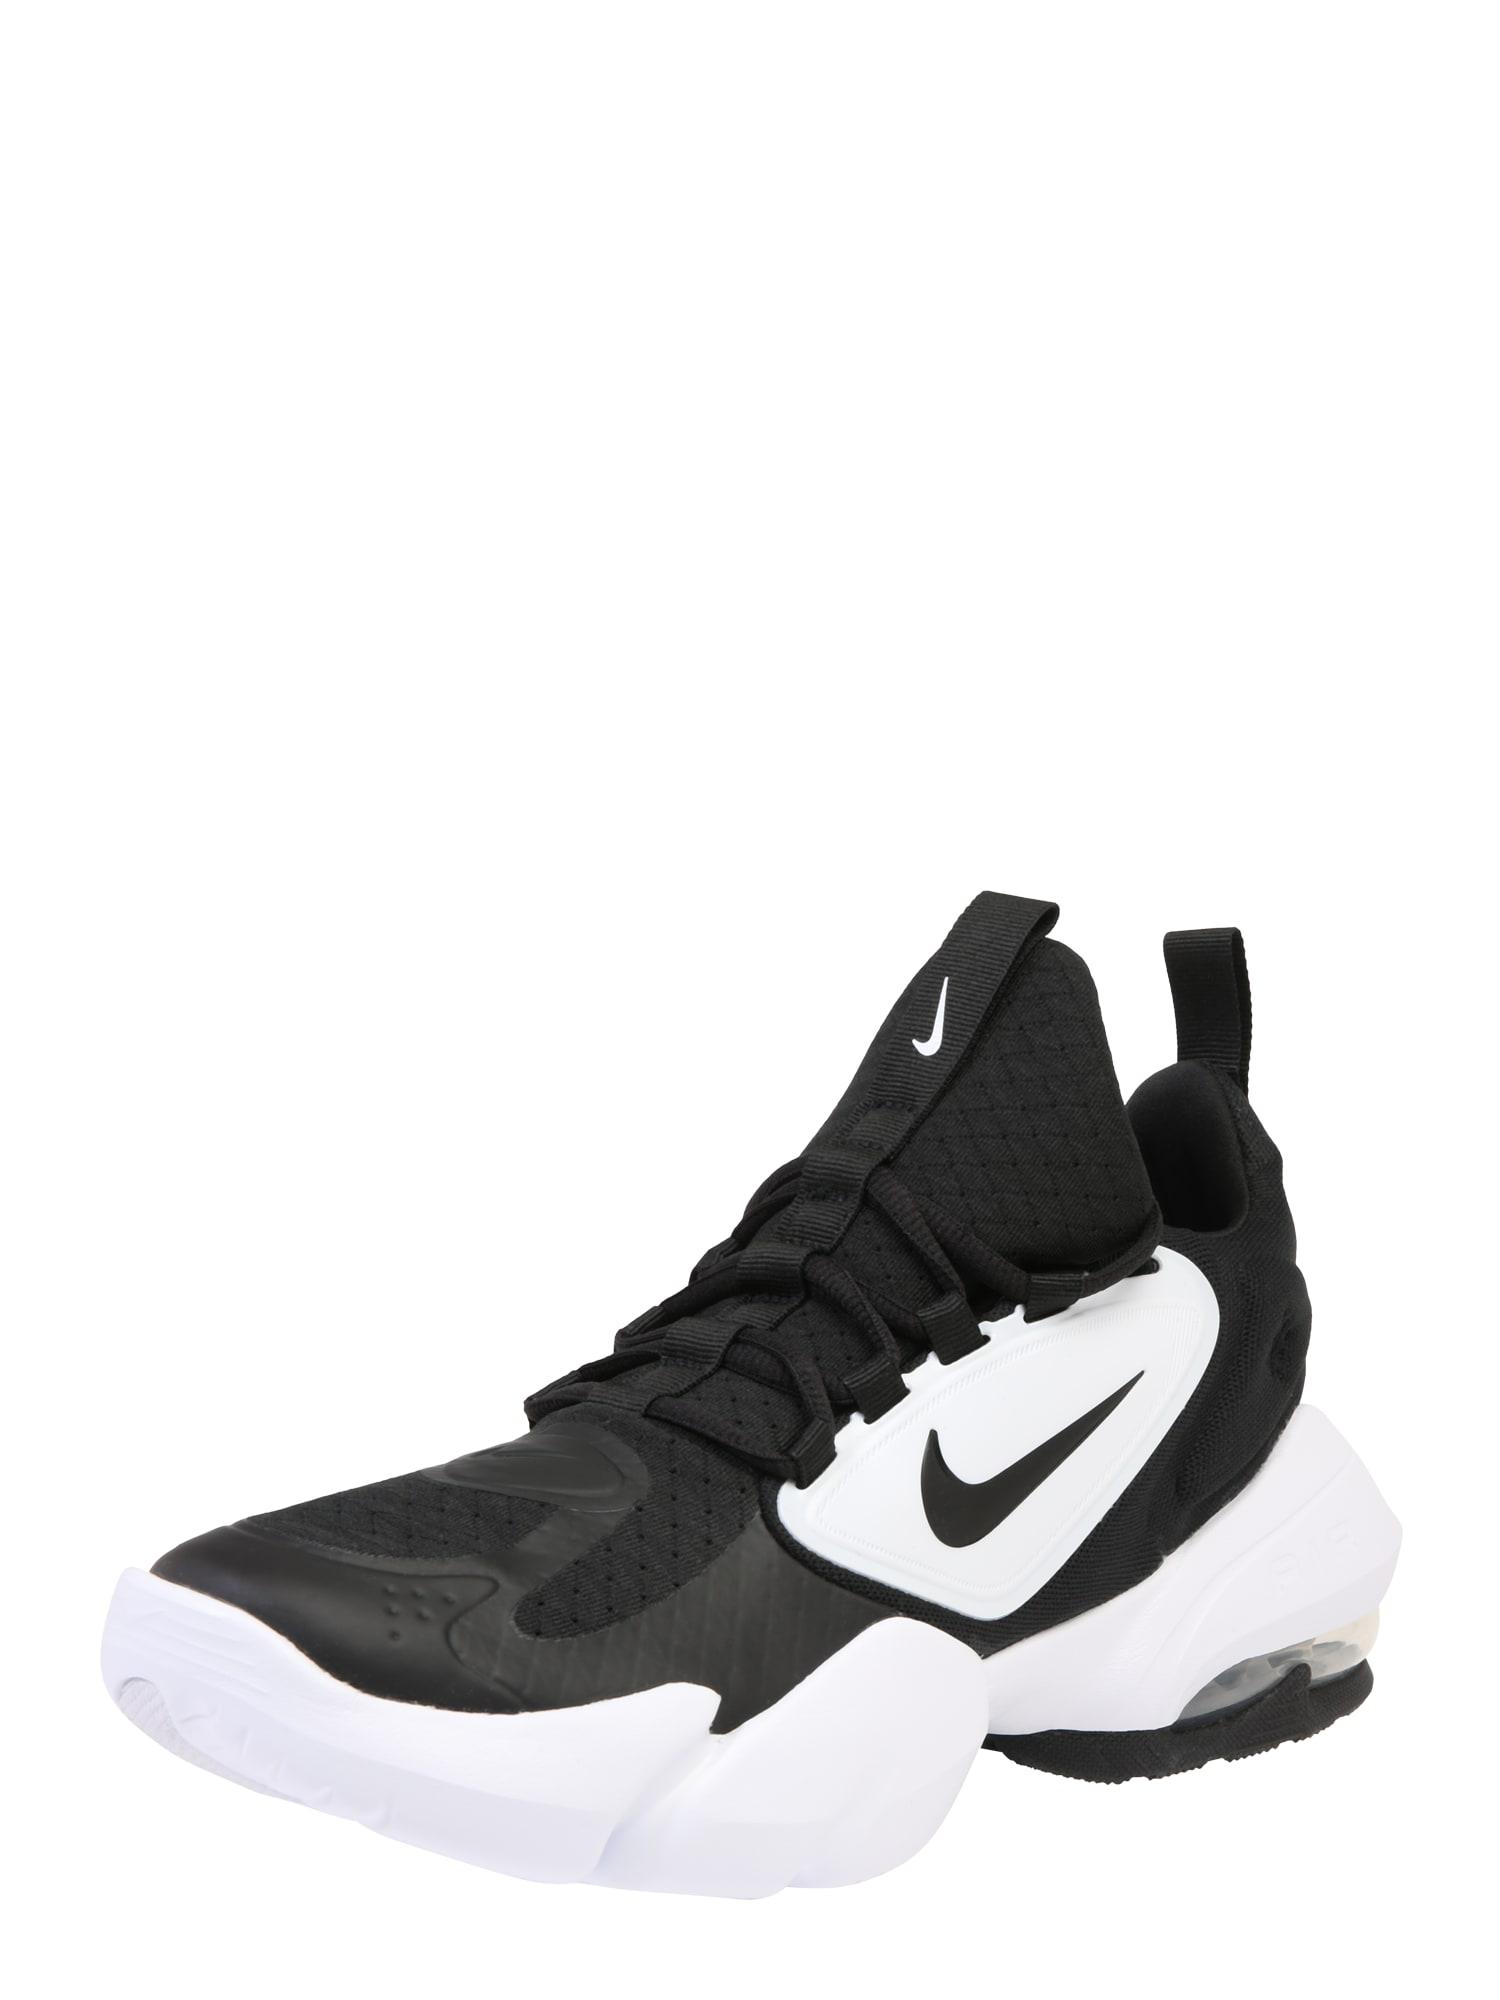 NIKE Sportiniai batai 'Air Max Alpha Savage' juoda / balta